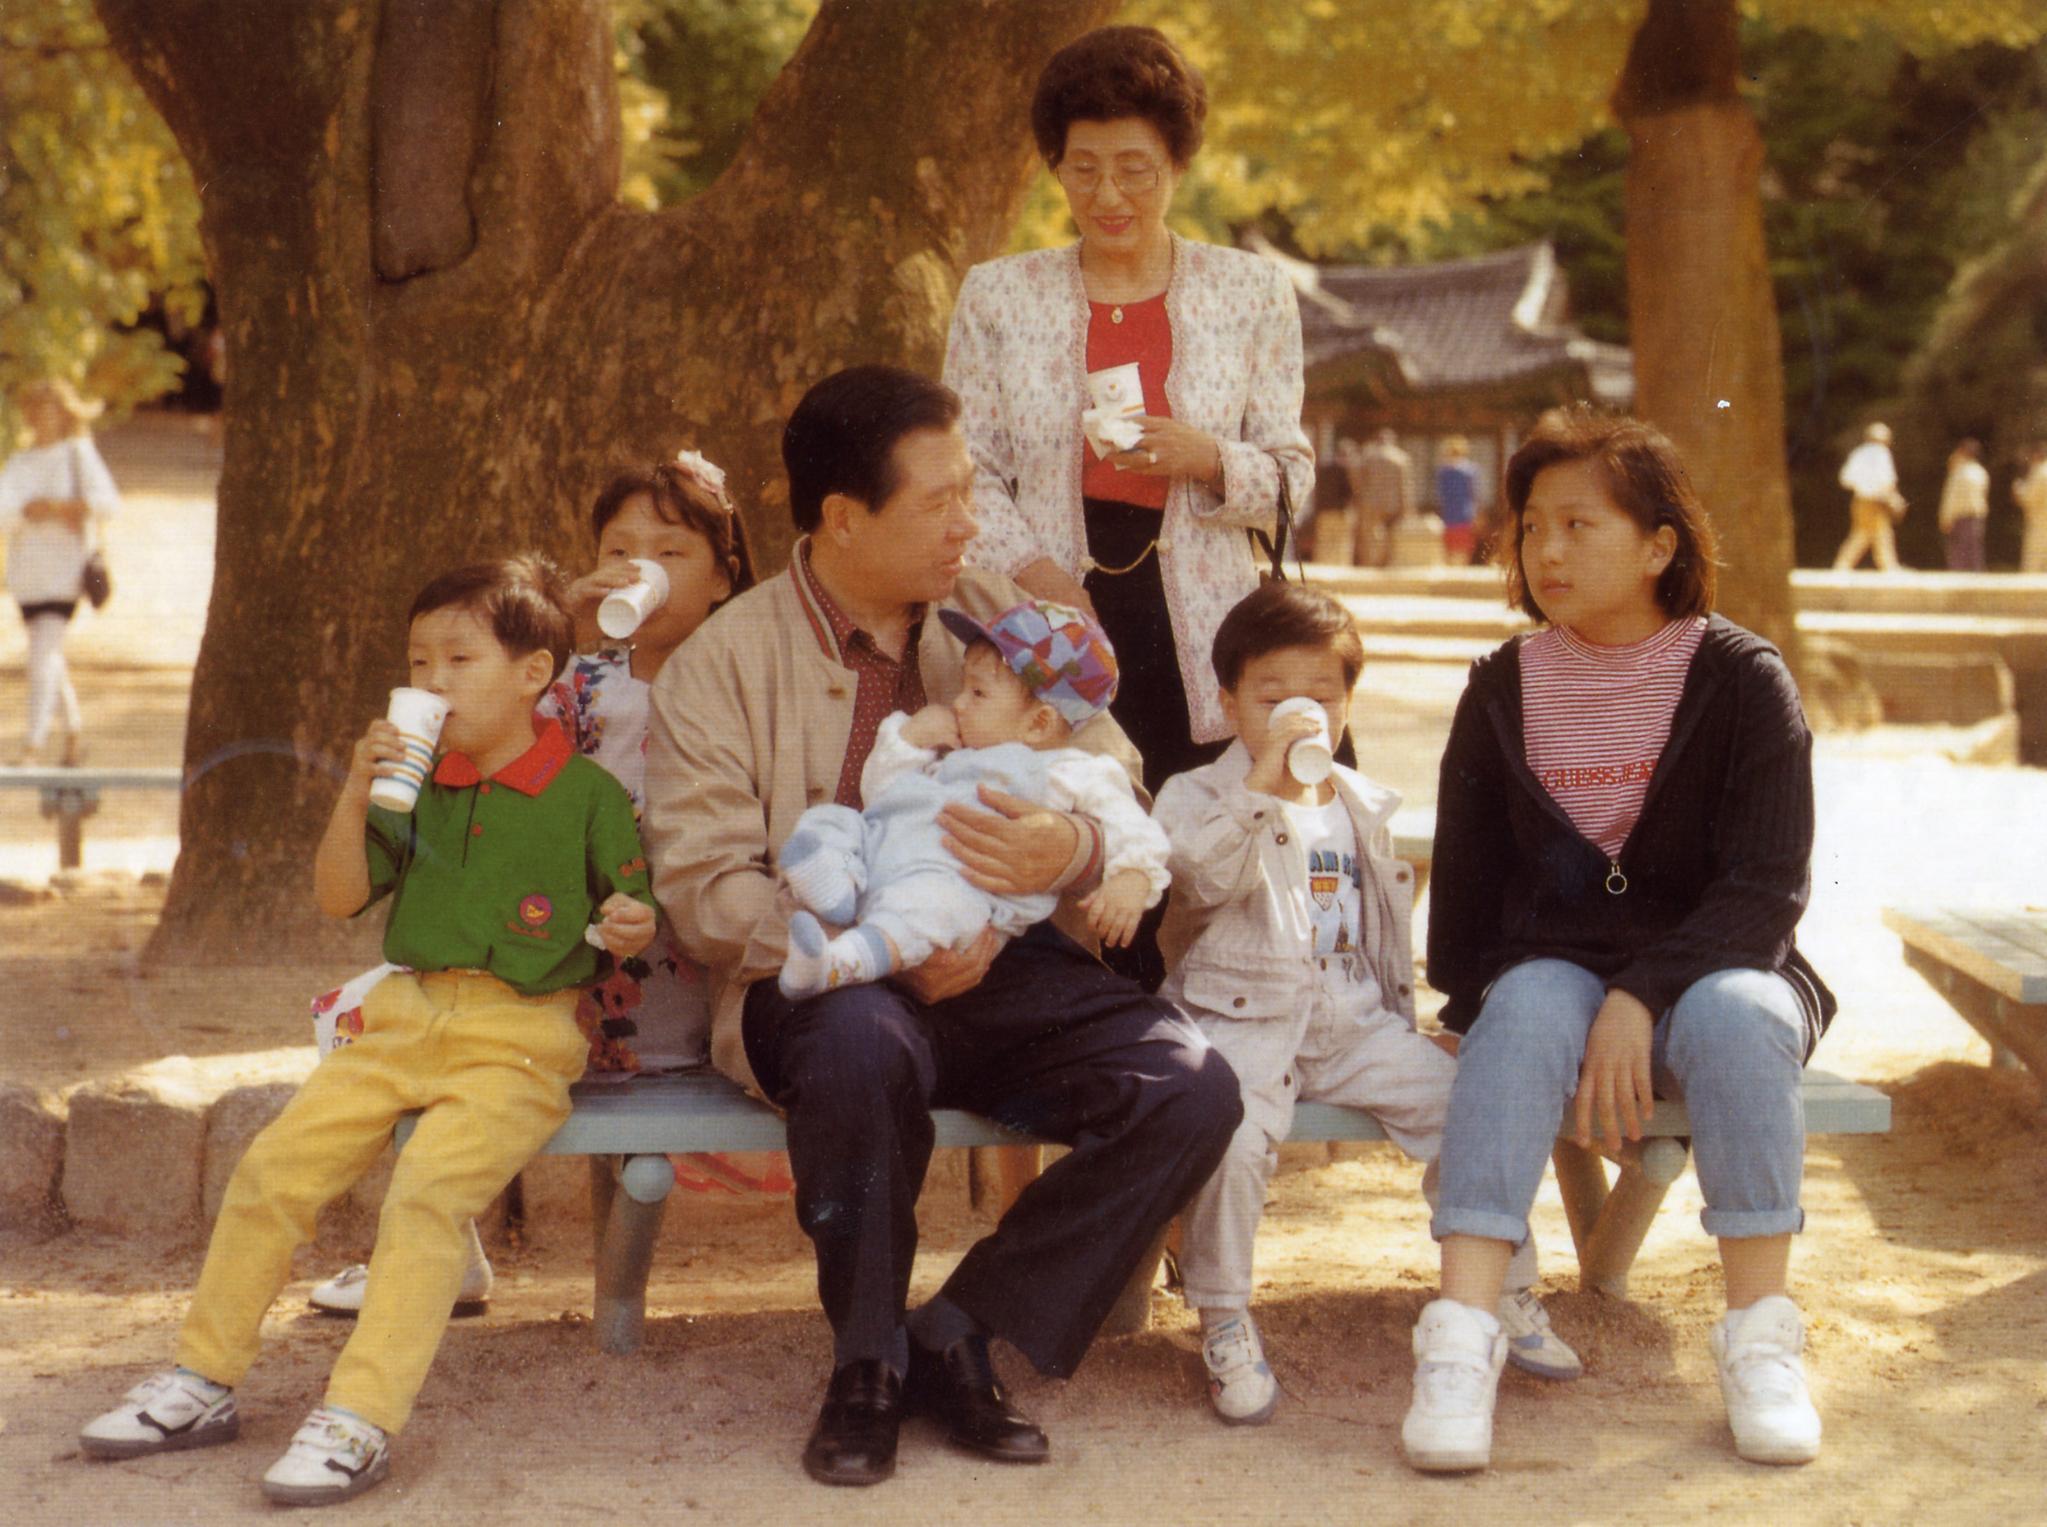 김대중 대통령 당선자와 부인 이희호 여사가 공원에서 손자 손녀들과 즐거운 시간을 보내고 있다.[중앙포토]